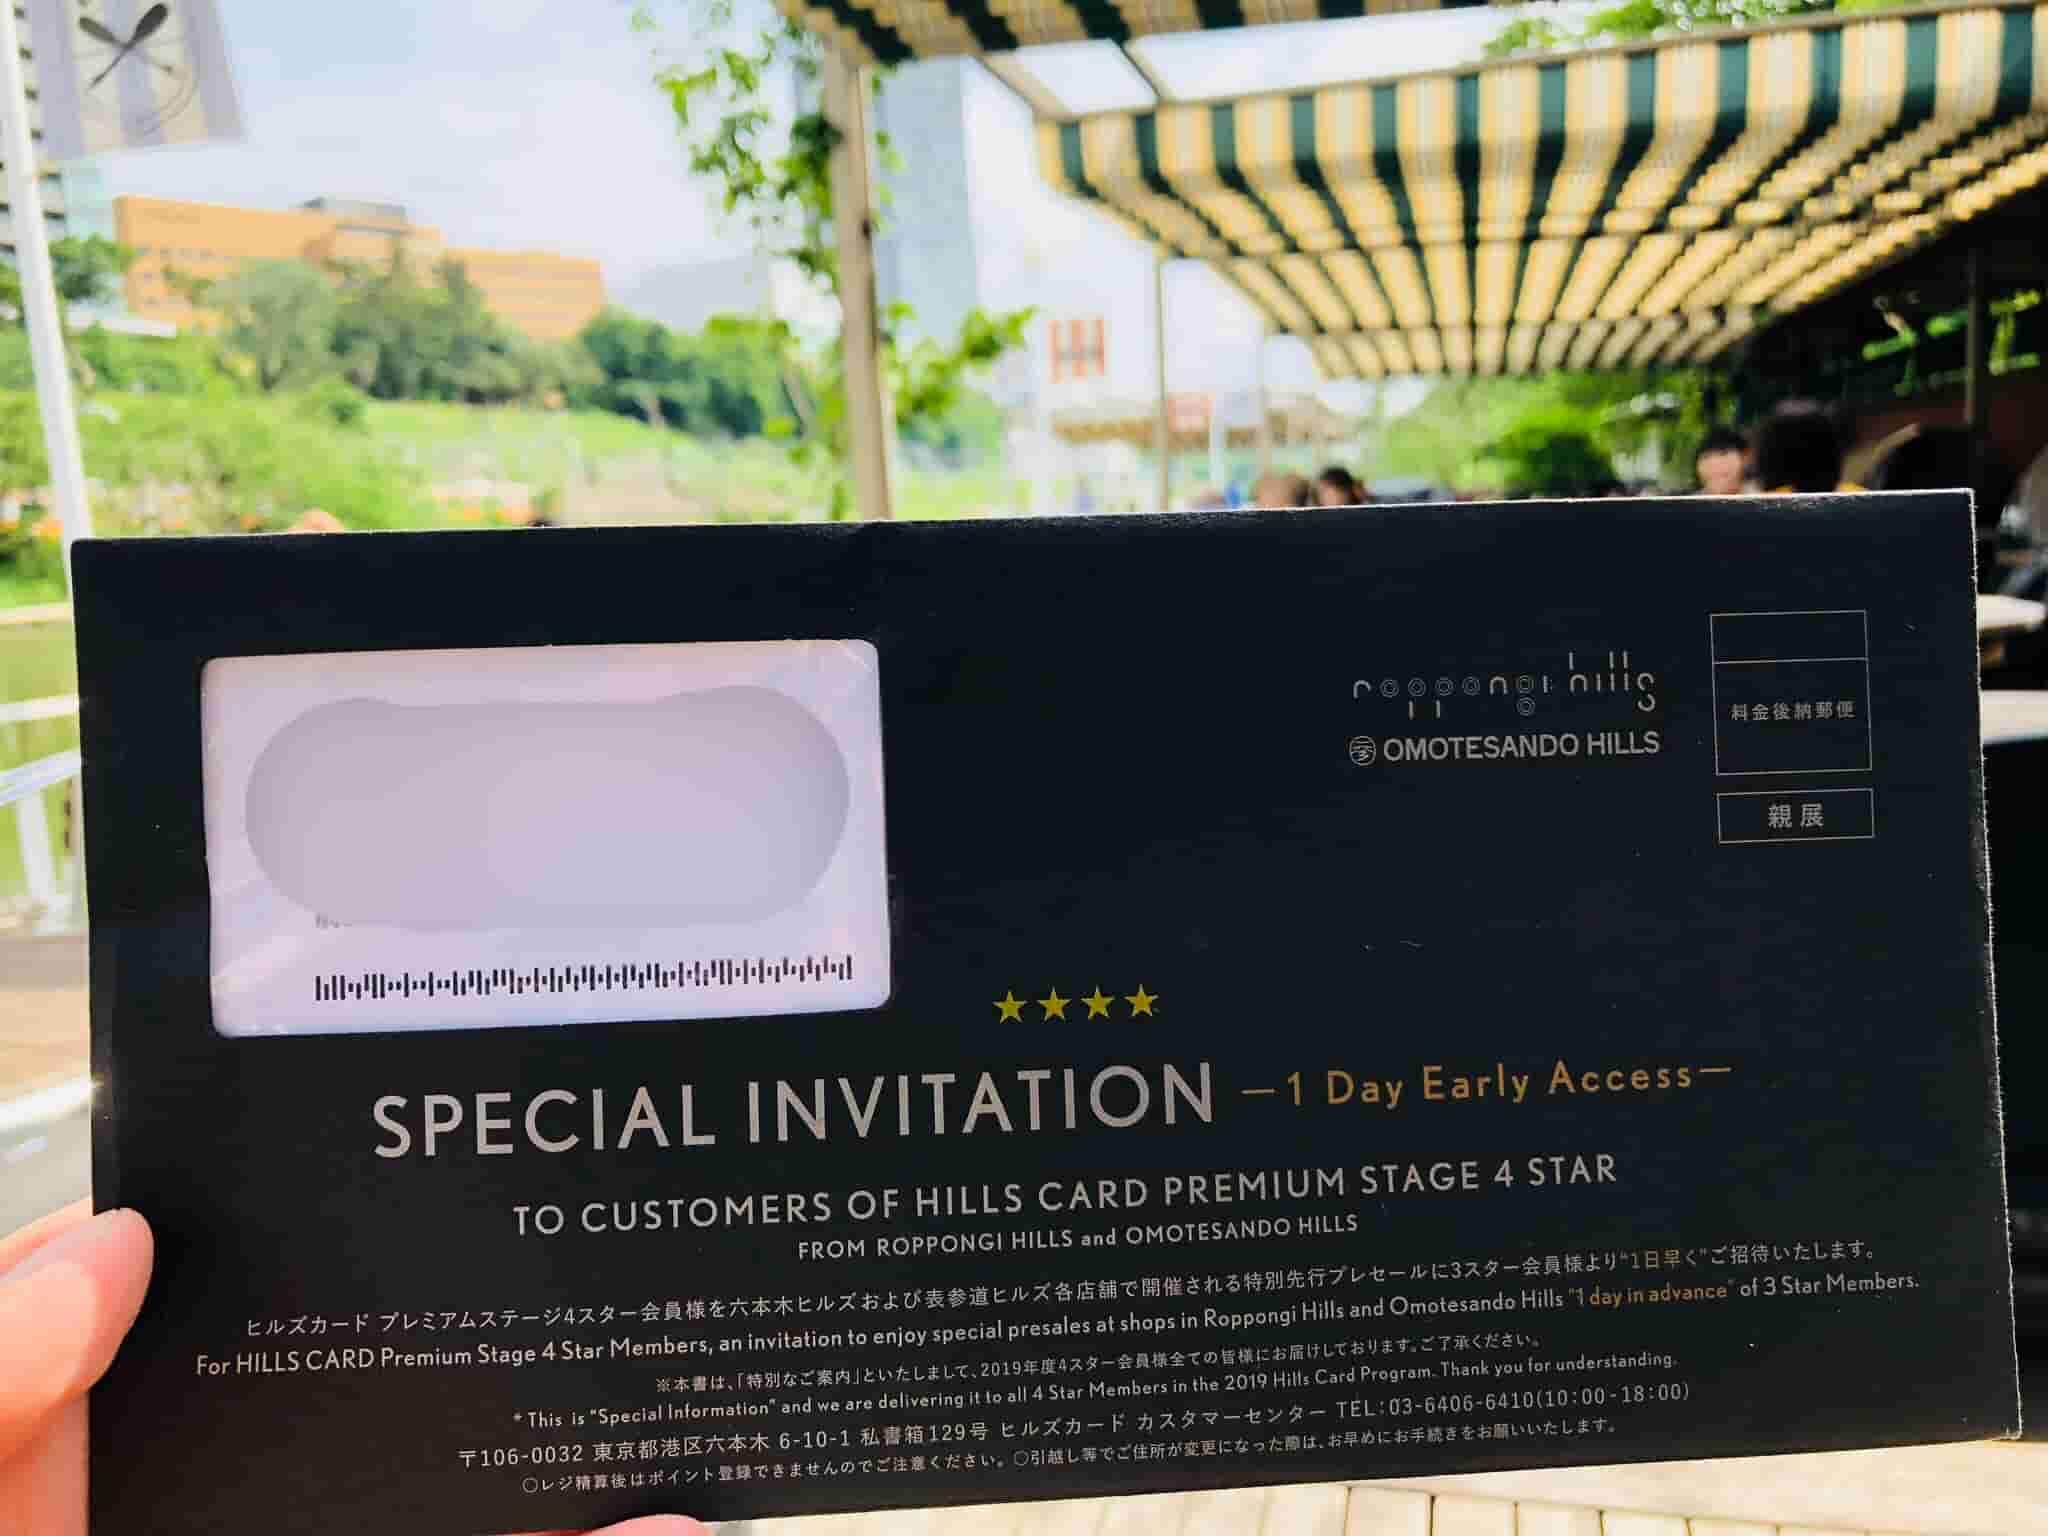 ヒルズのSPECIAL INVITATION(プレセール)